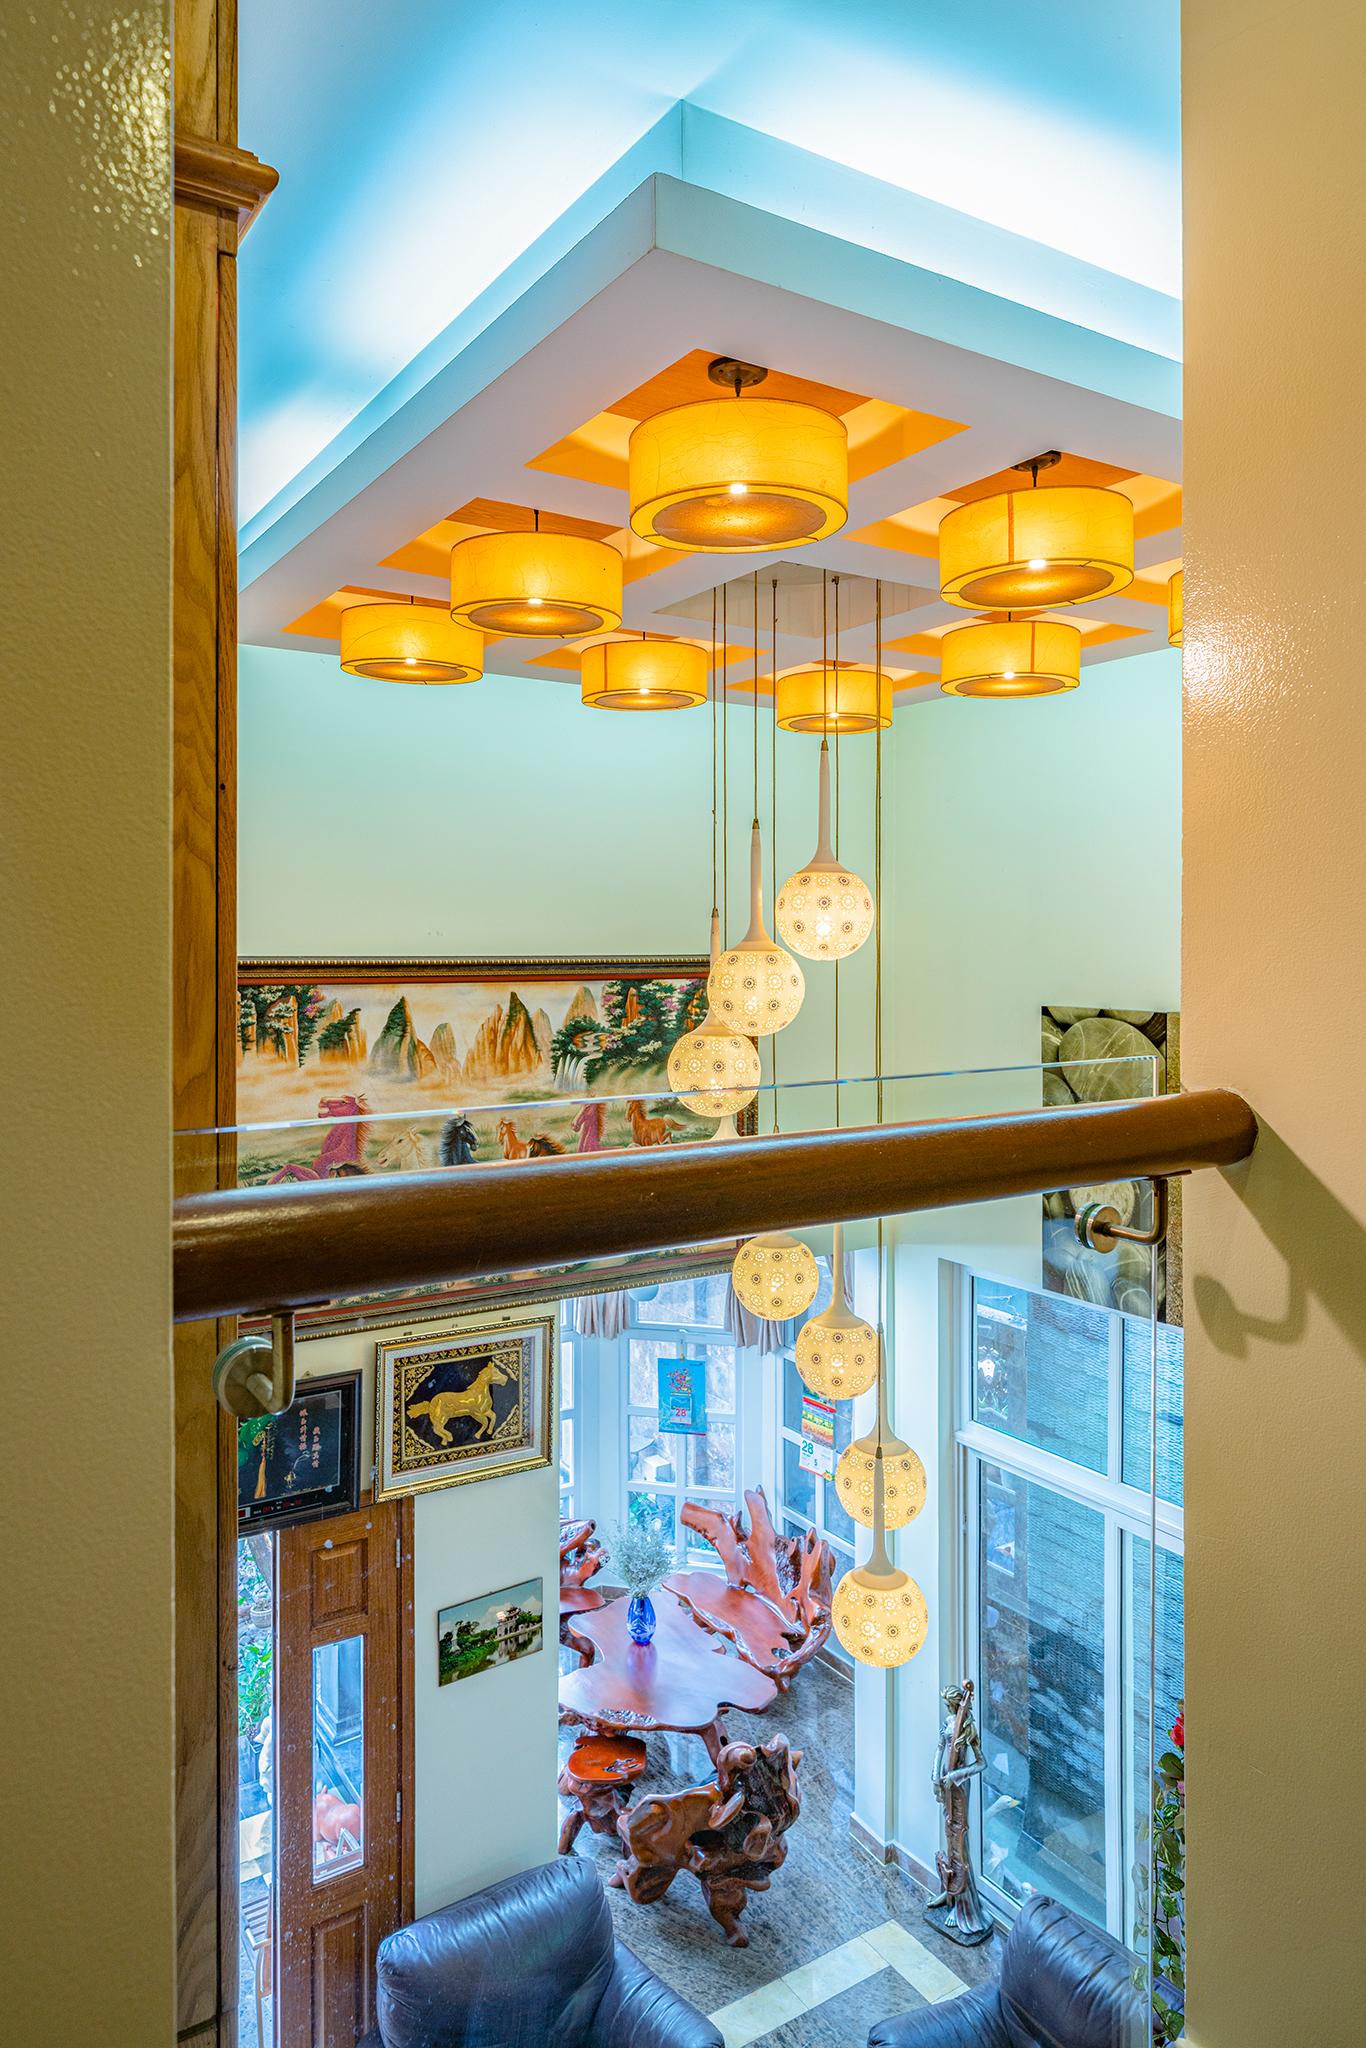 Thiết kế Biệt Thự tại Hồ Chí Minh CẢI TẠO BIỆT THỰ - BÌNH TÂN 1585443091 8